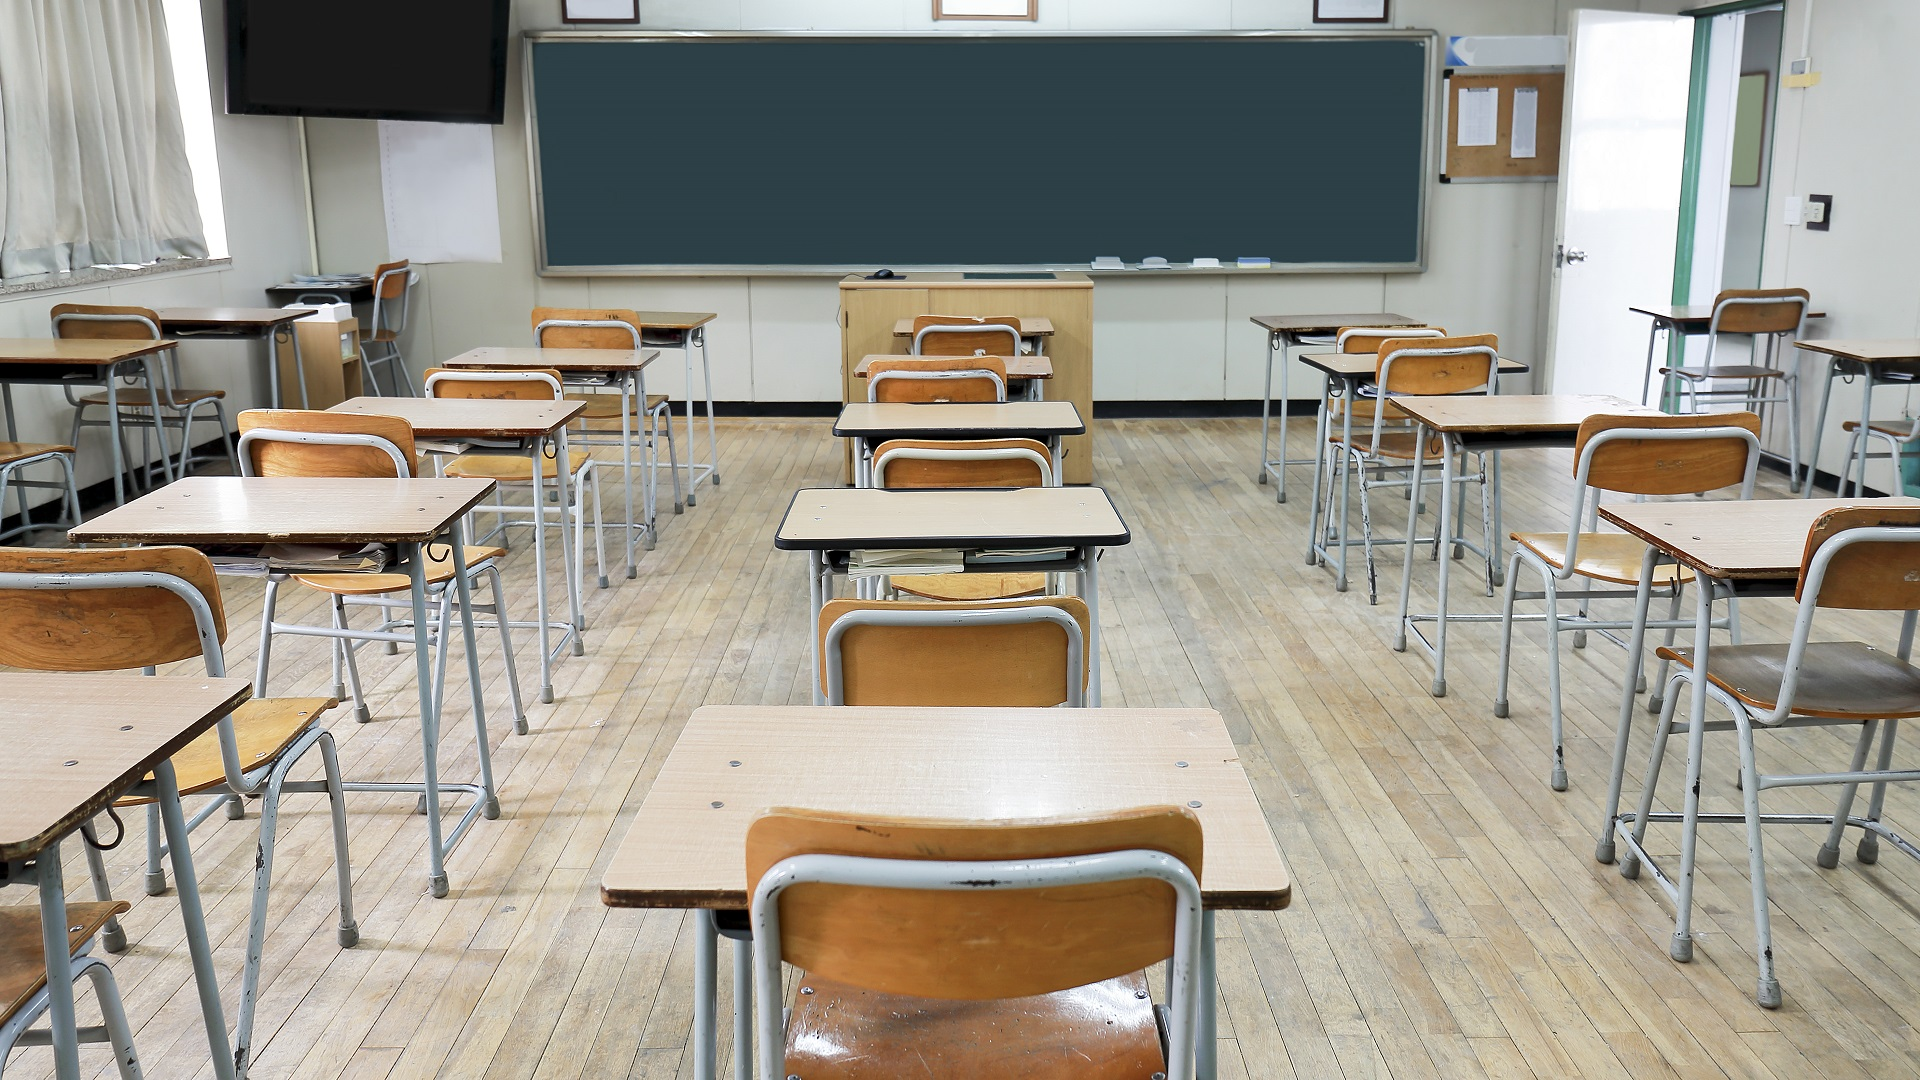 SCHOOL CLASSROOM GENERIC DESK-846652698